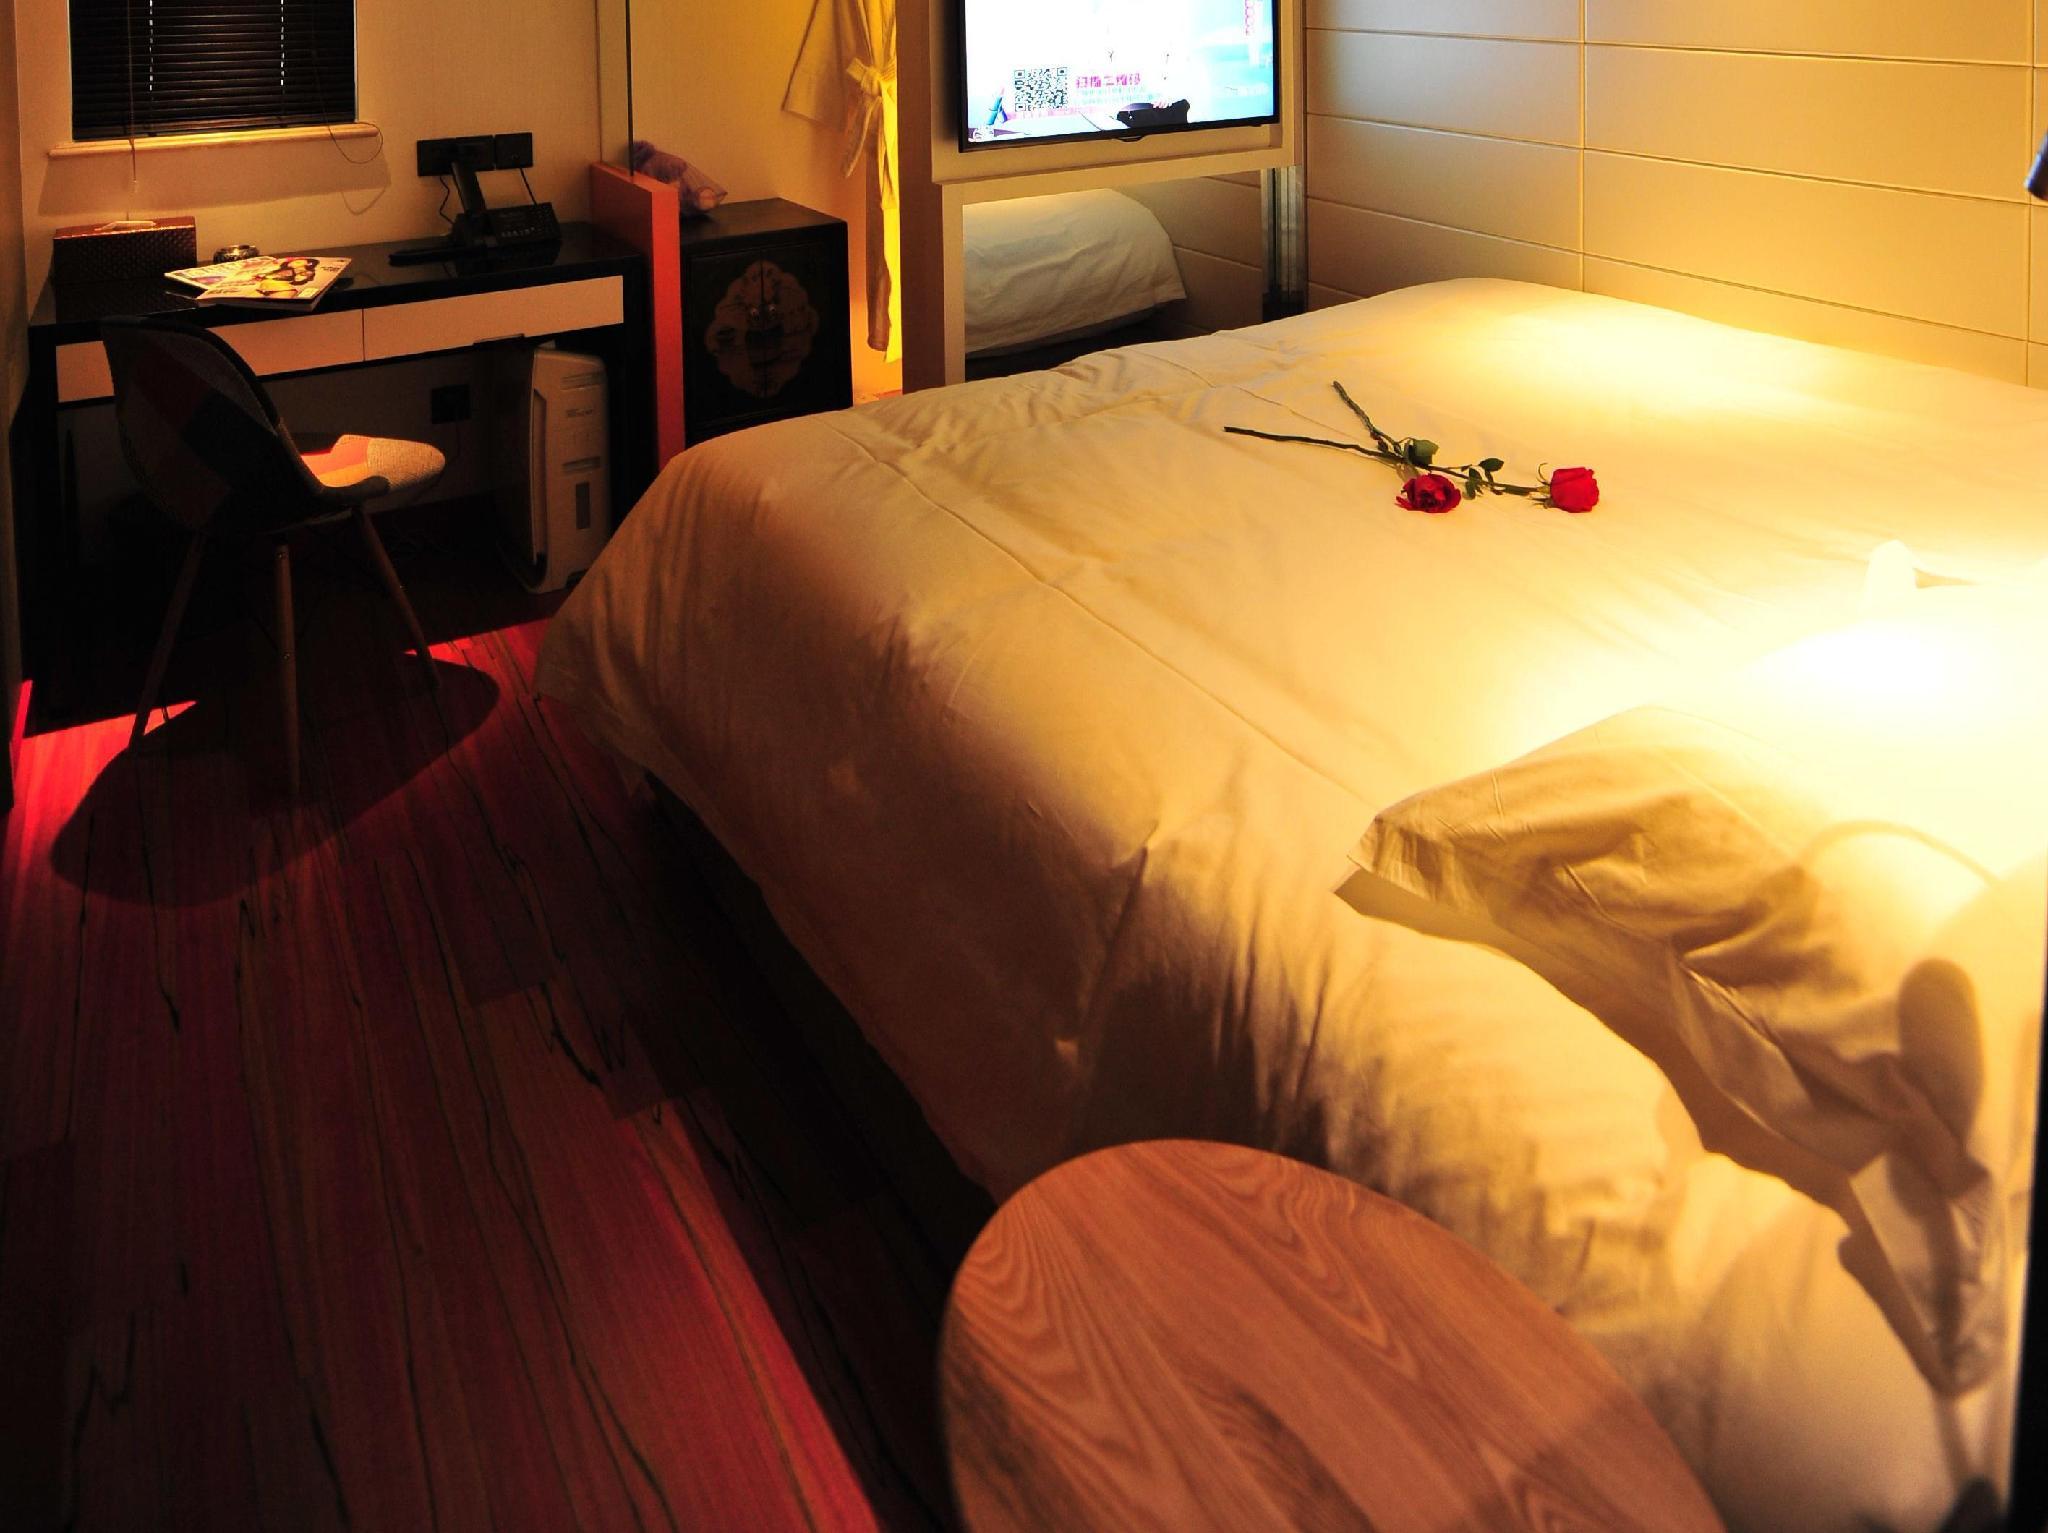 Beijing D-boutique Hotel - Beijing